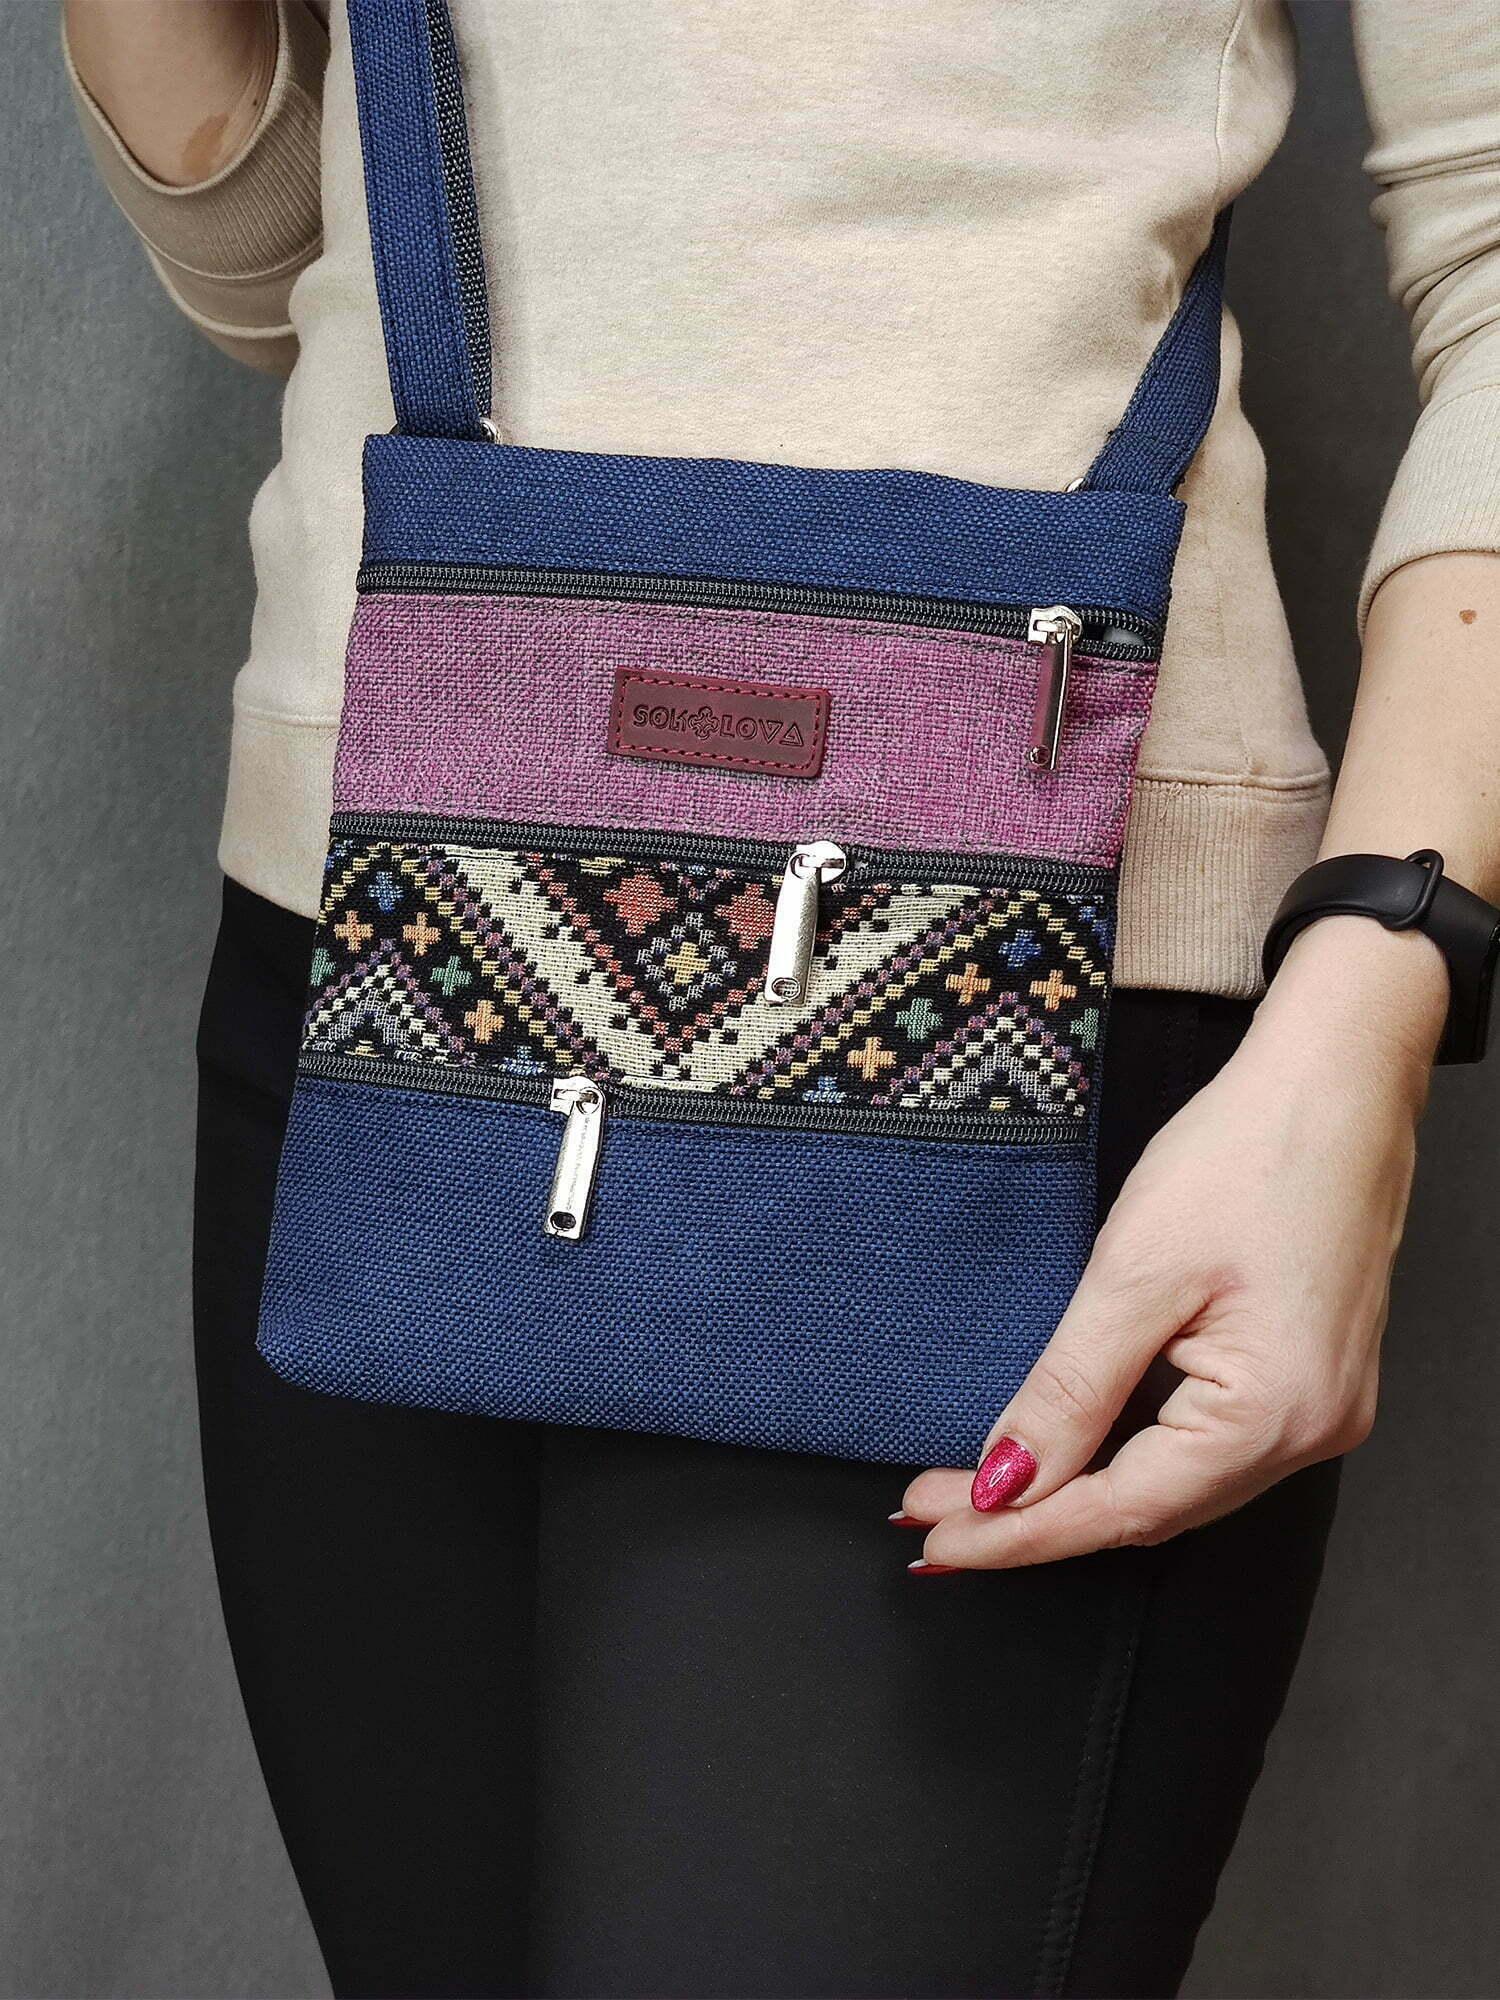 23012 Міні сумка 4 кишені (синя, темно рожева, орнамент)